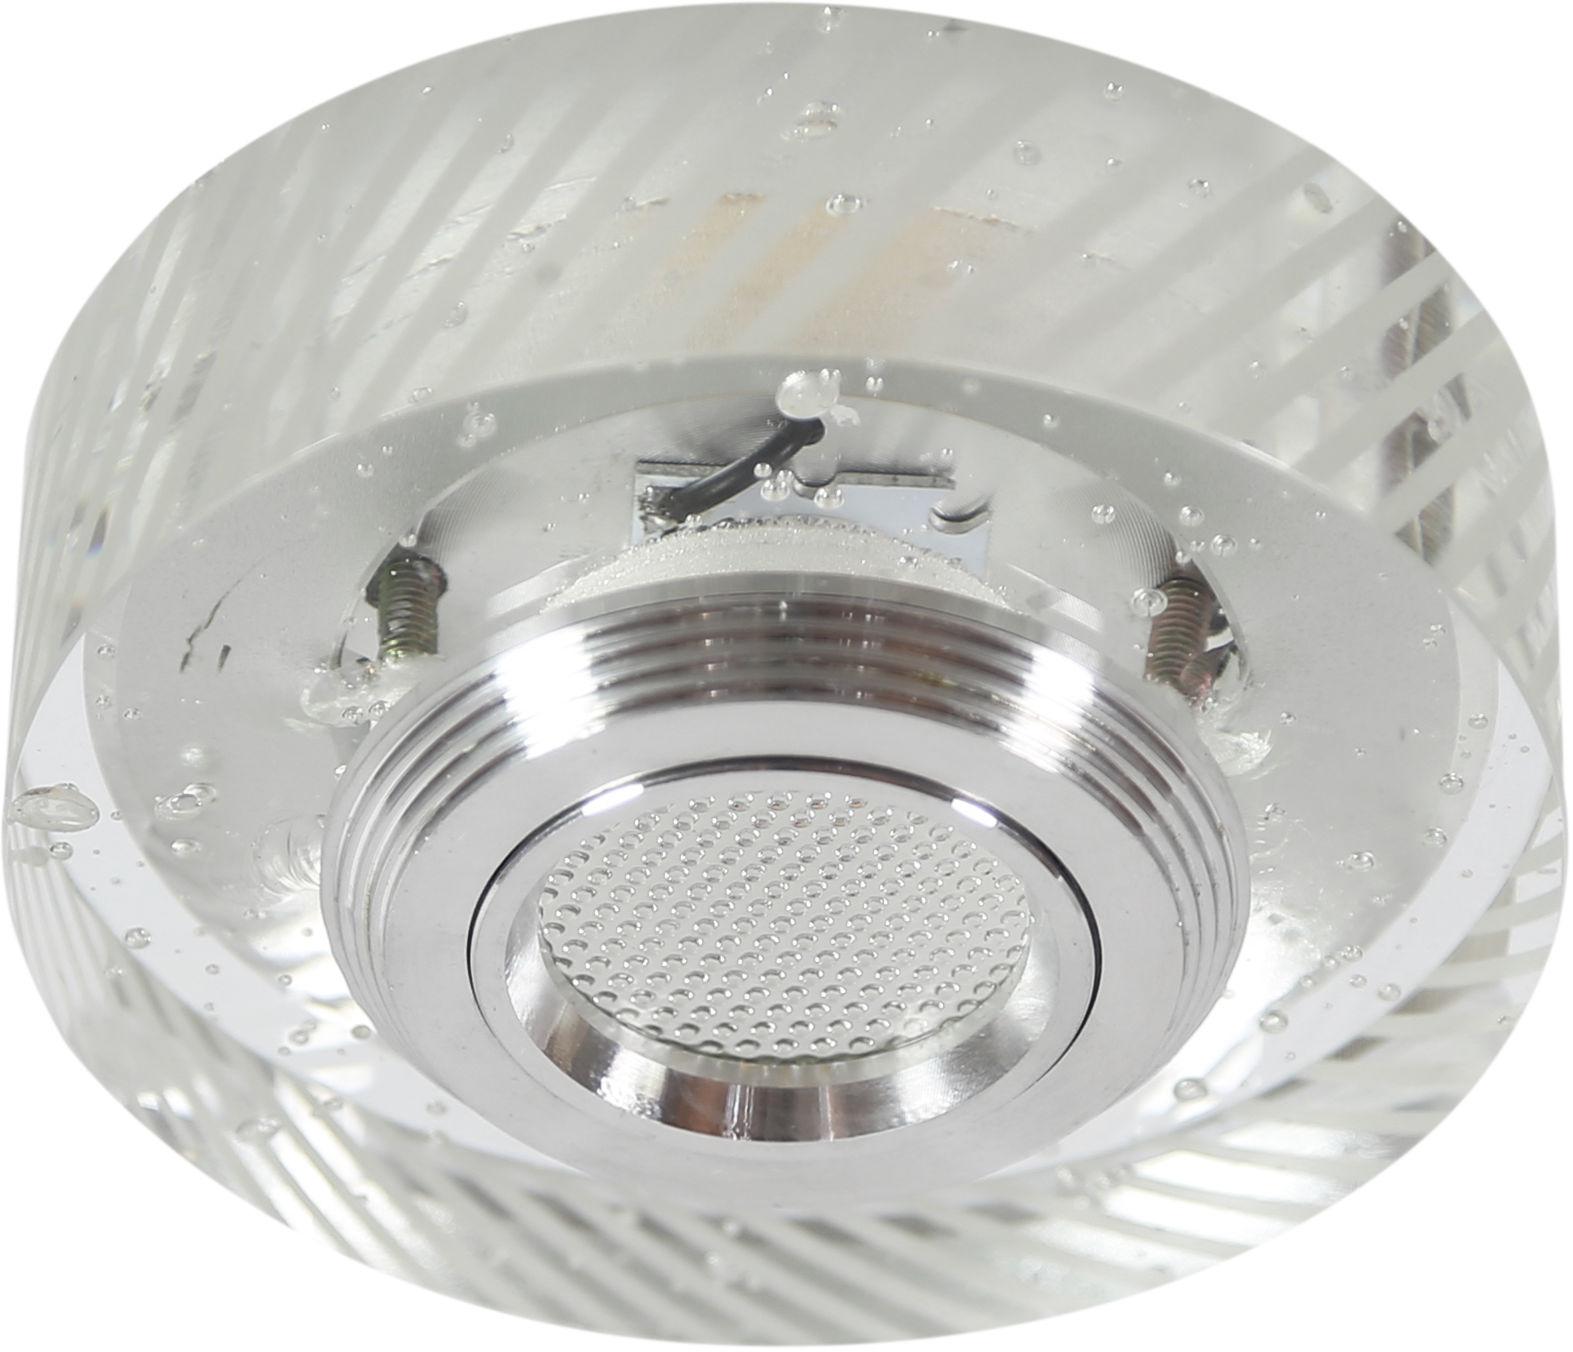 Candellux SS-33 AL/TR 3W LED COB 230V oprawa do wbudowania okrągła szkło transparentne 10cm